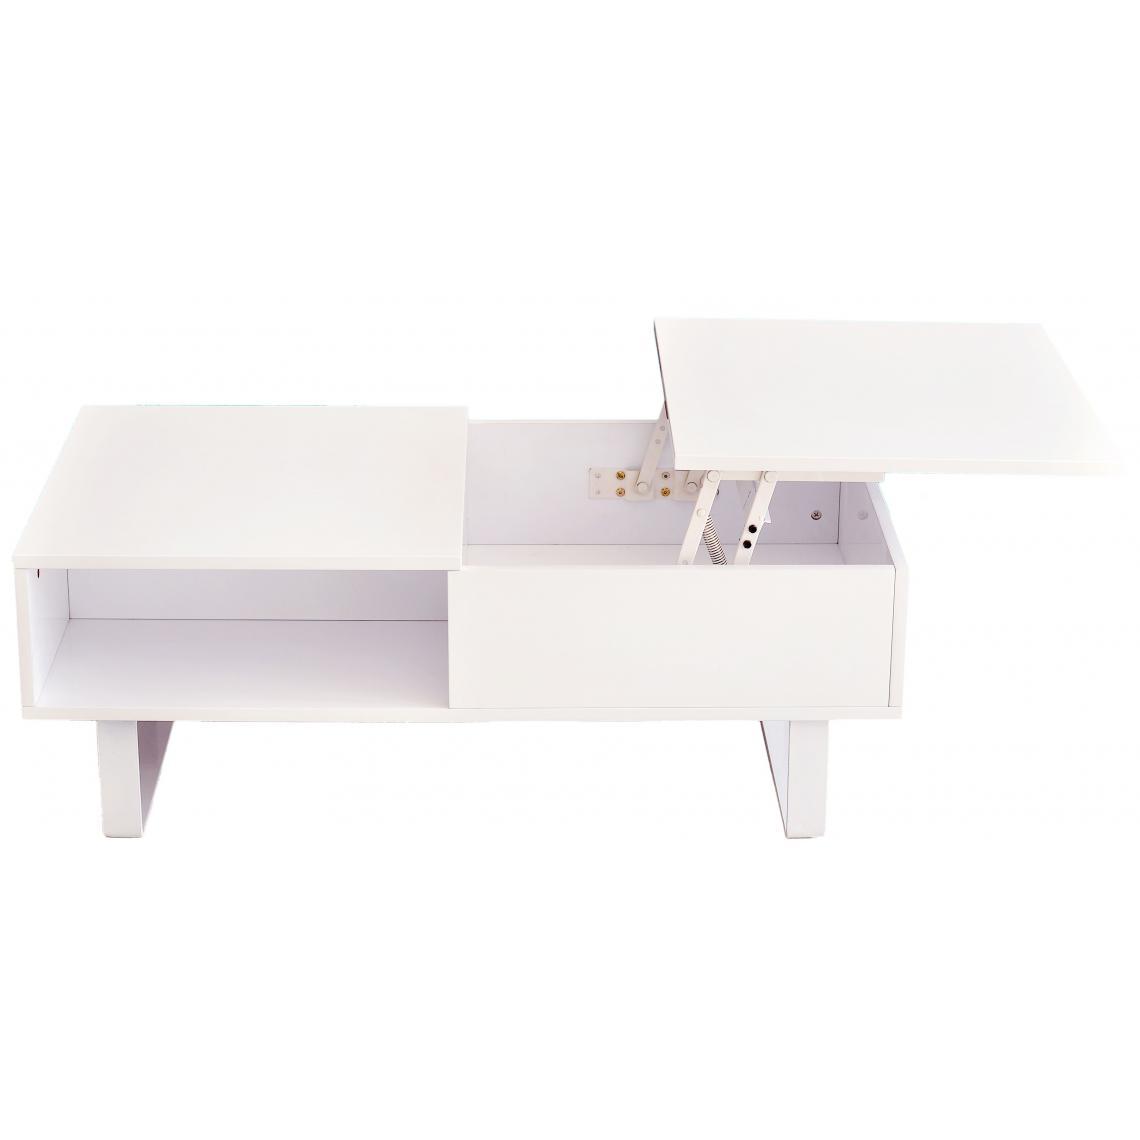 Table Basse Blanche Avec Plateau Relevable Melvin 3 Suisses